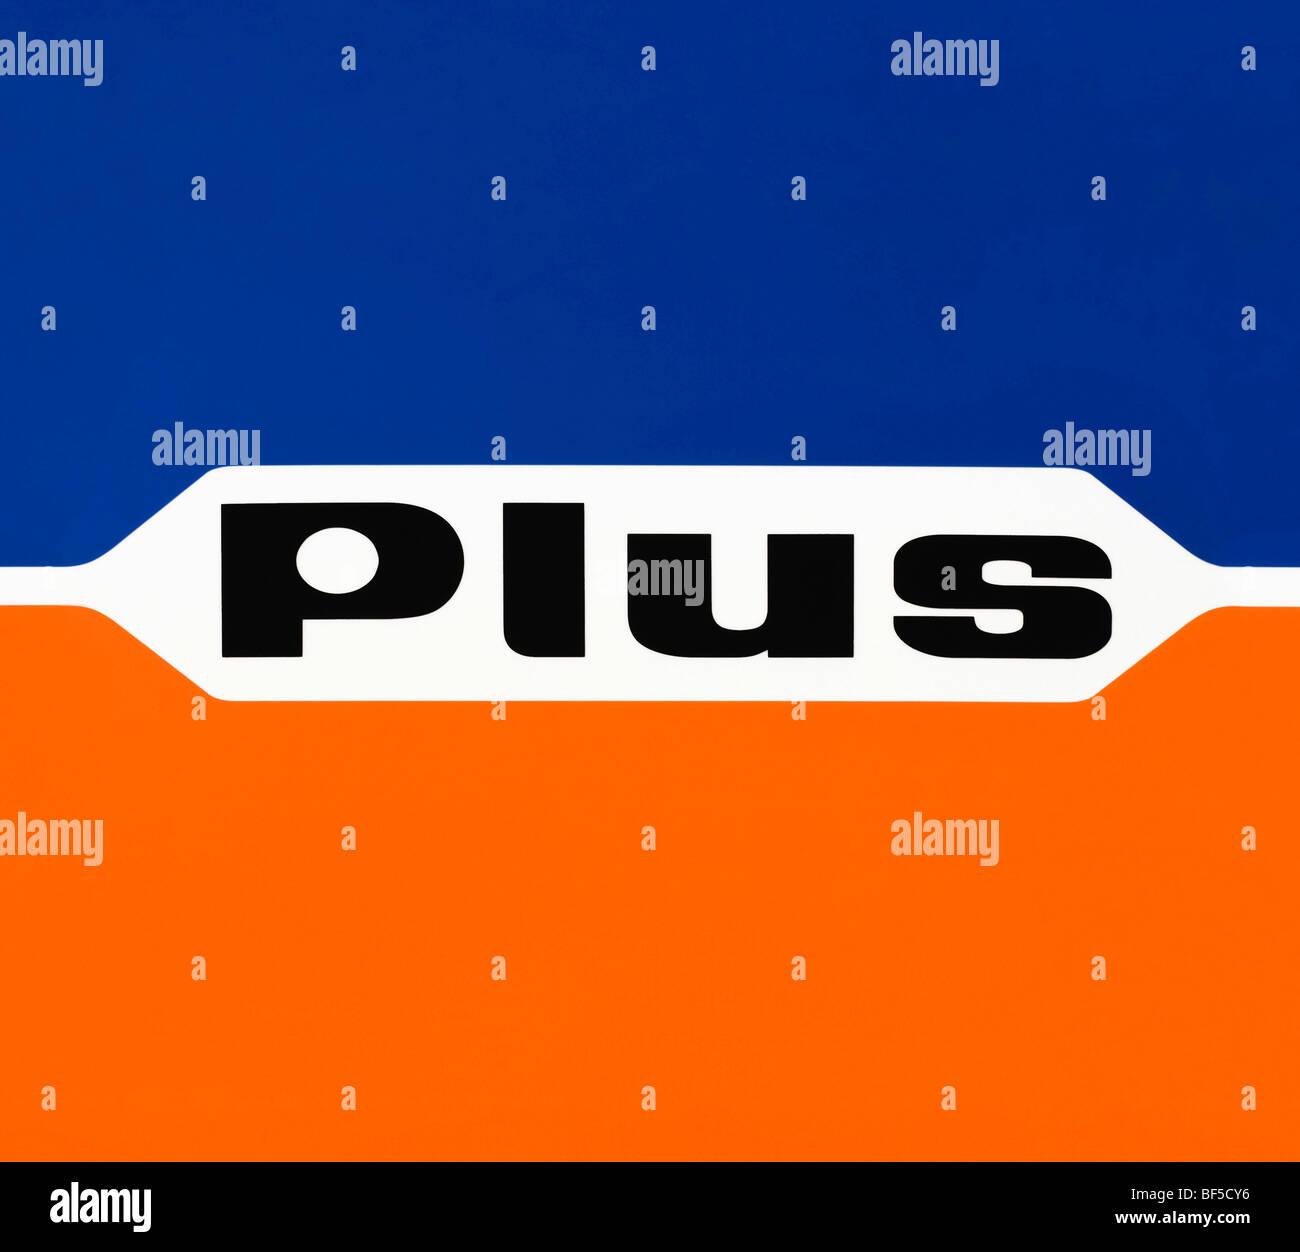 El logotipo, además, descuento, supermercados Plus Warenhandelsgesellschaft mbH Foto de stock